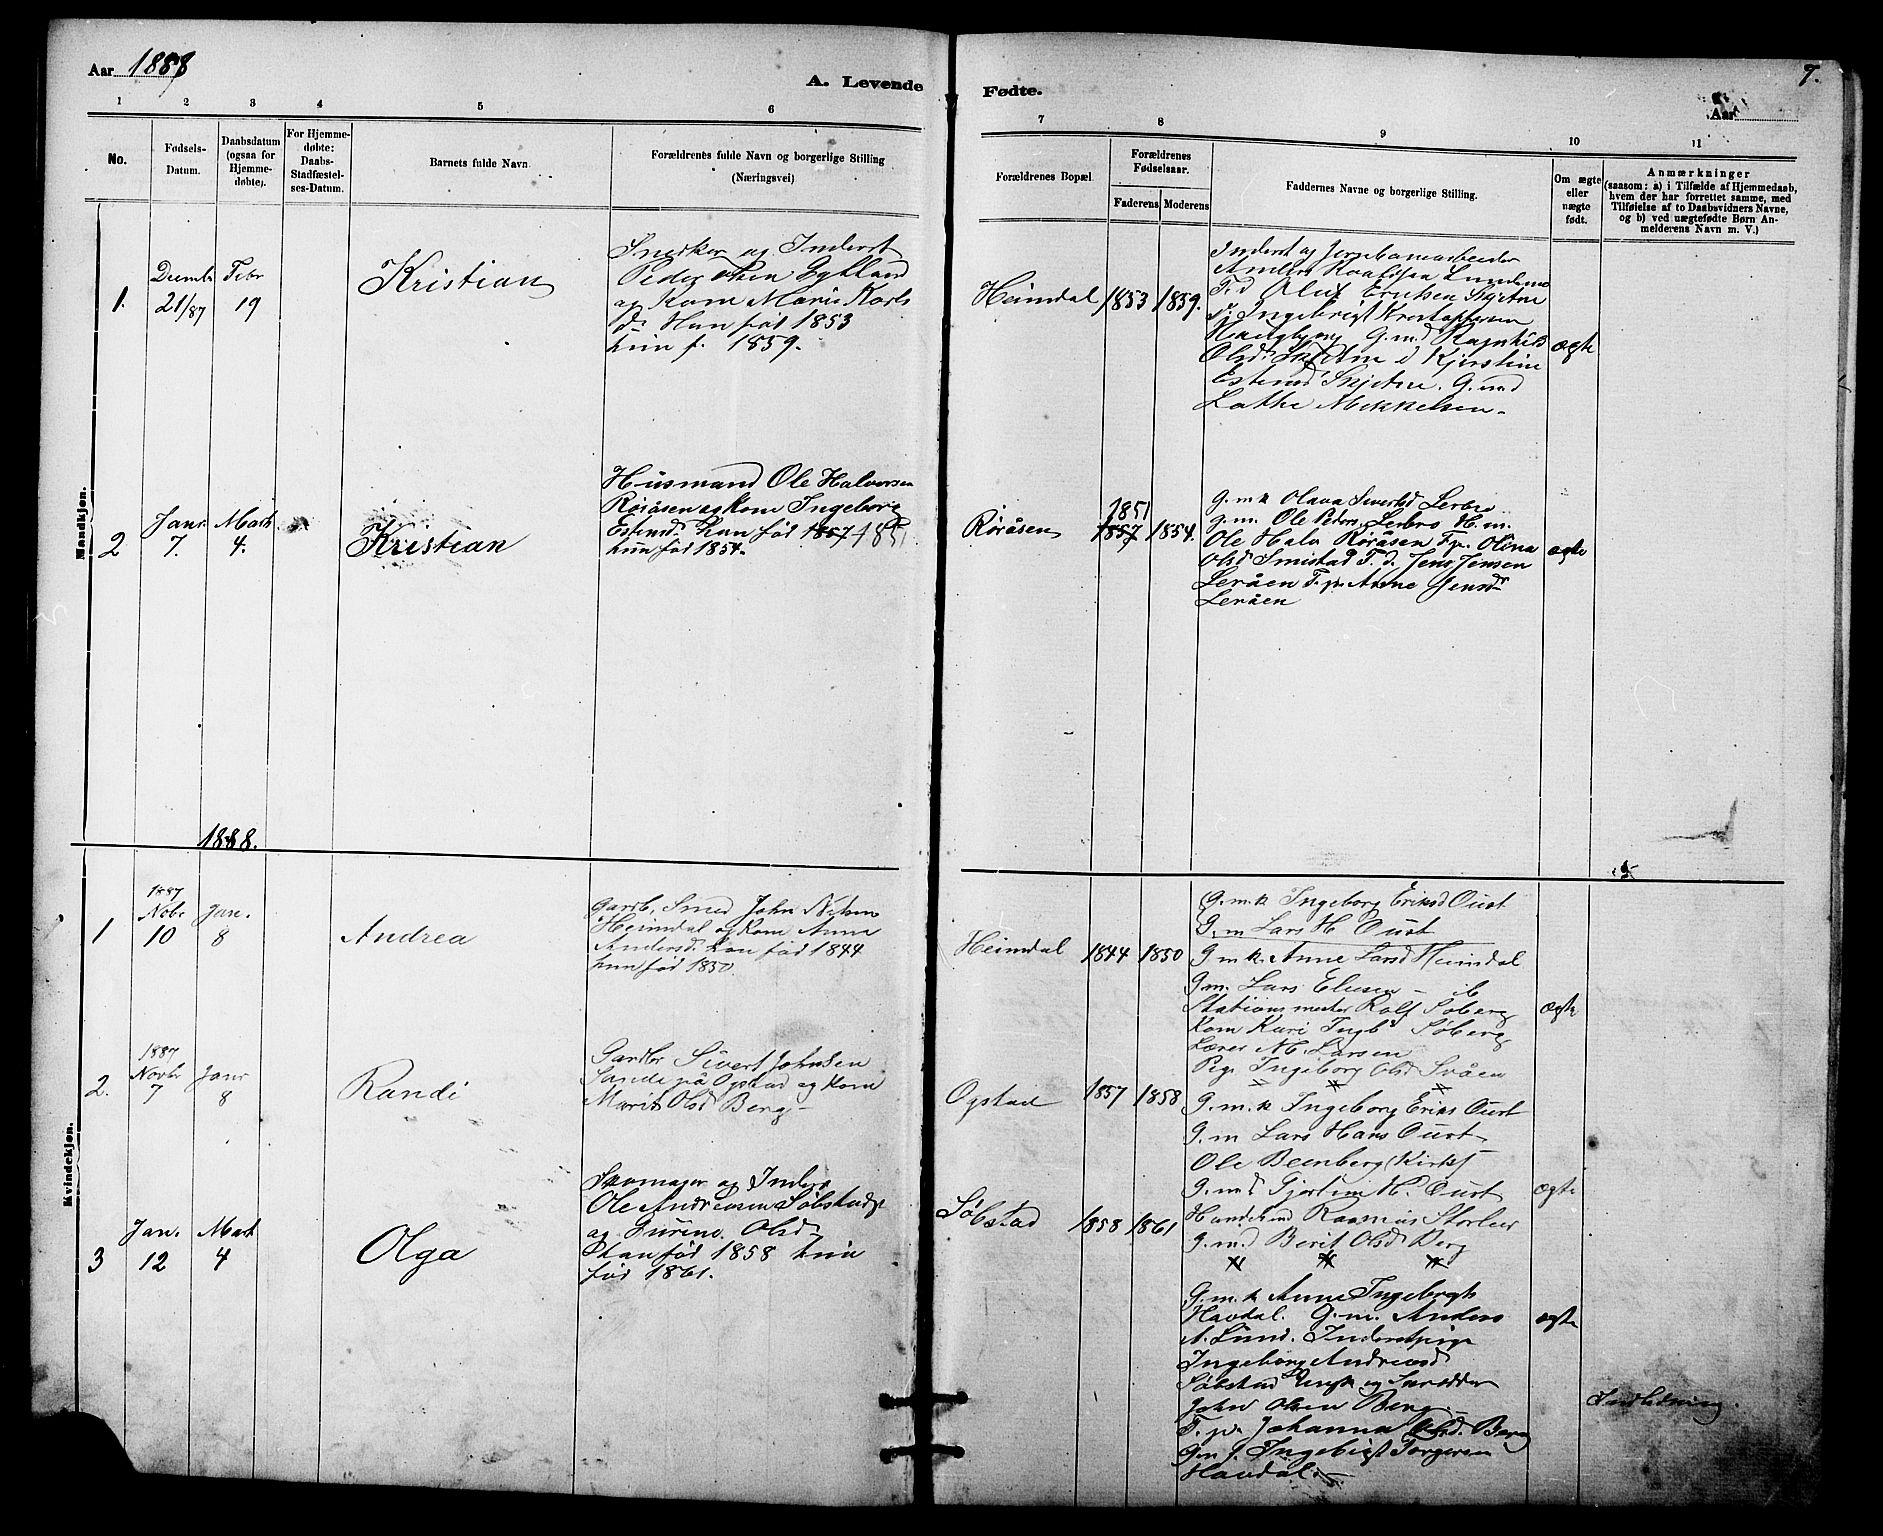 SAT, Ministerialprotokoller, klokkerbøker og fødselsregistre - Sør-Trøndelag, 613/L0395: Klokkerbok nr. 613C03, 1887-1909, s. 7